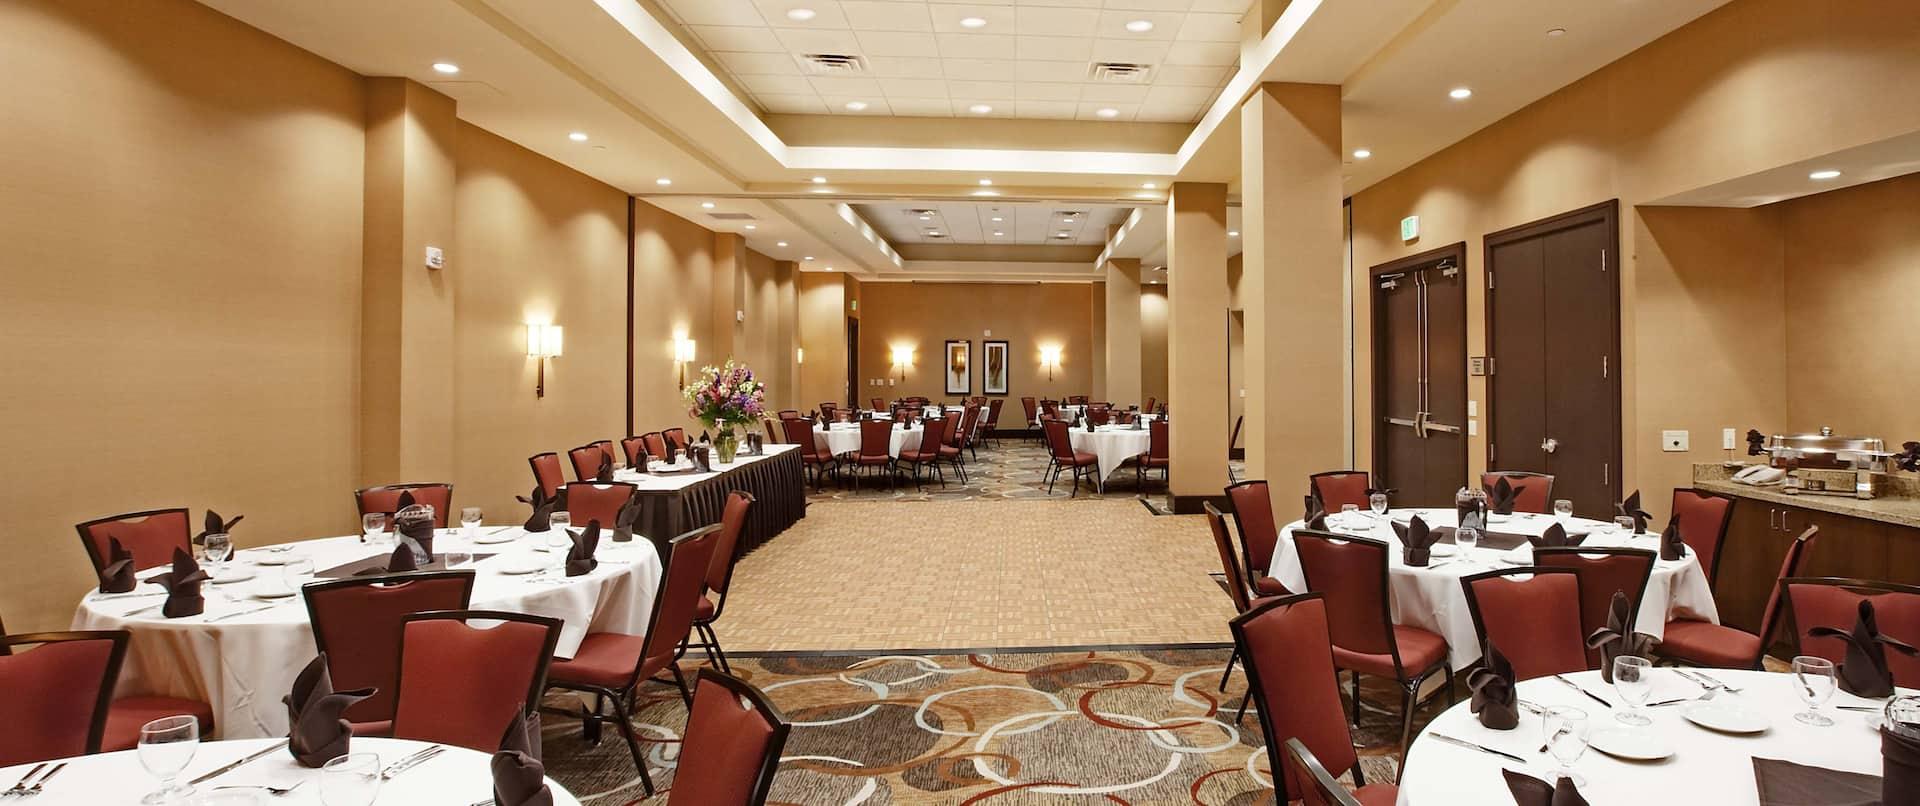 Ballroom Tables